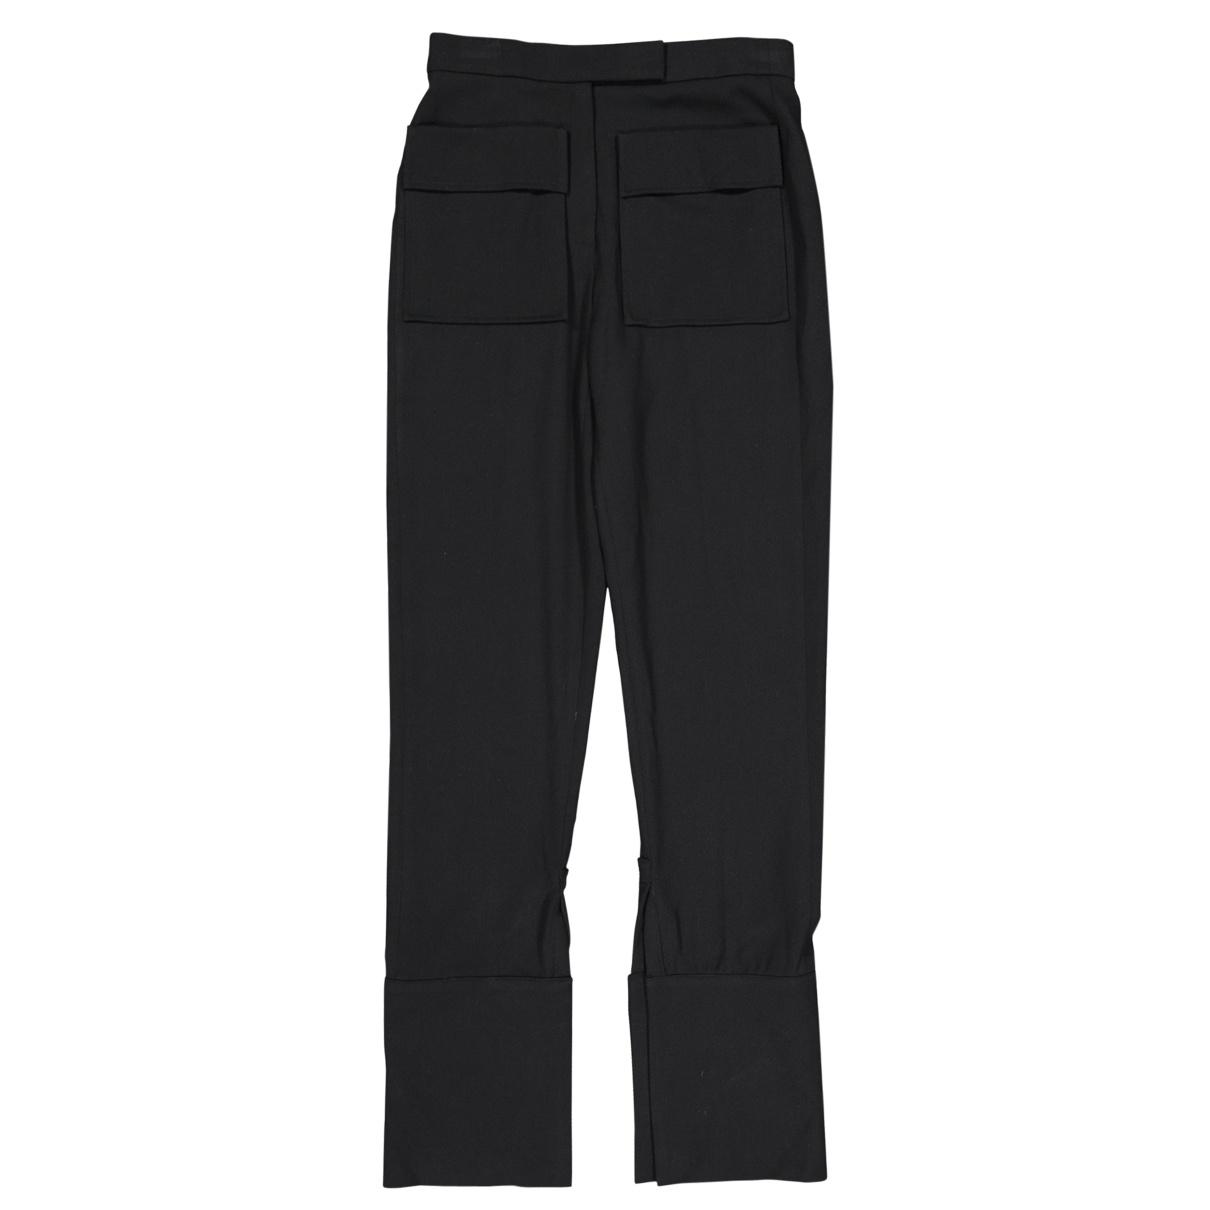 J.w. Anderson \N Black Trousers for Women 6 UK